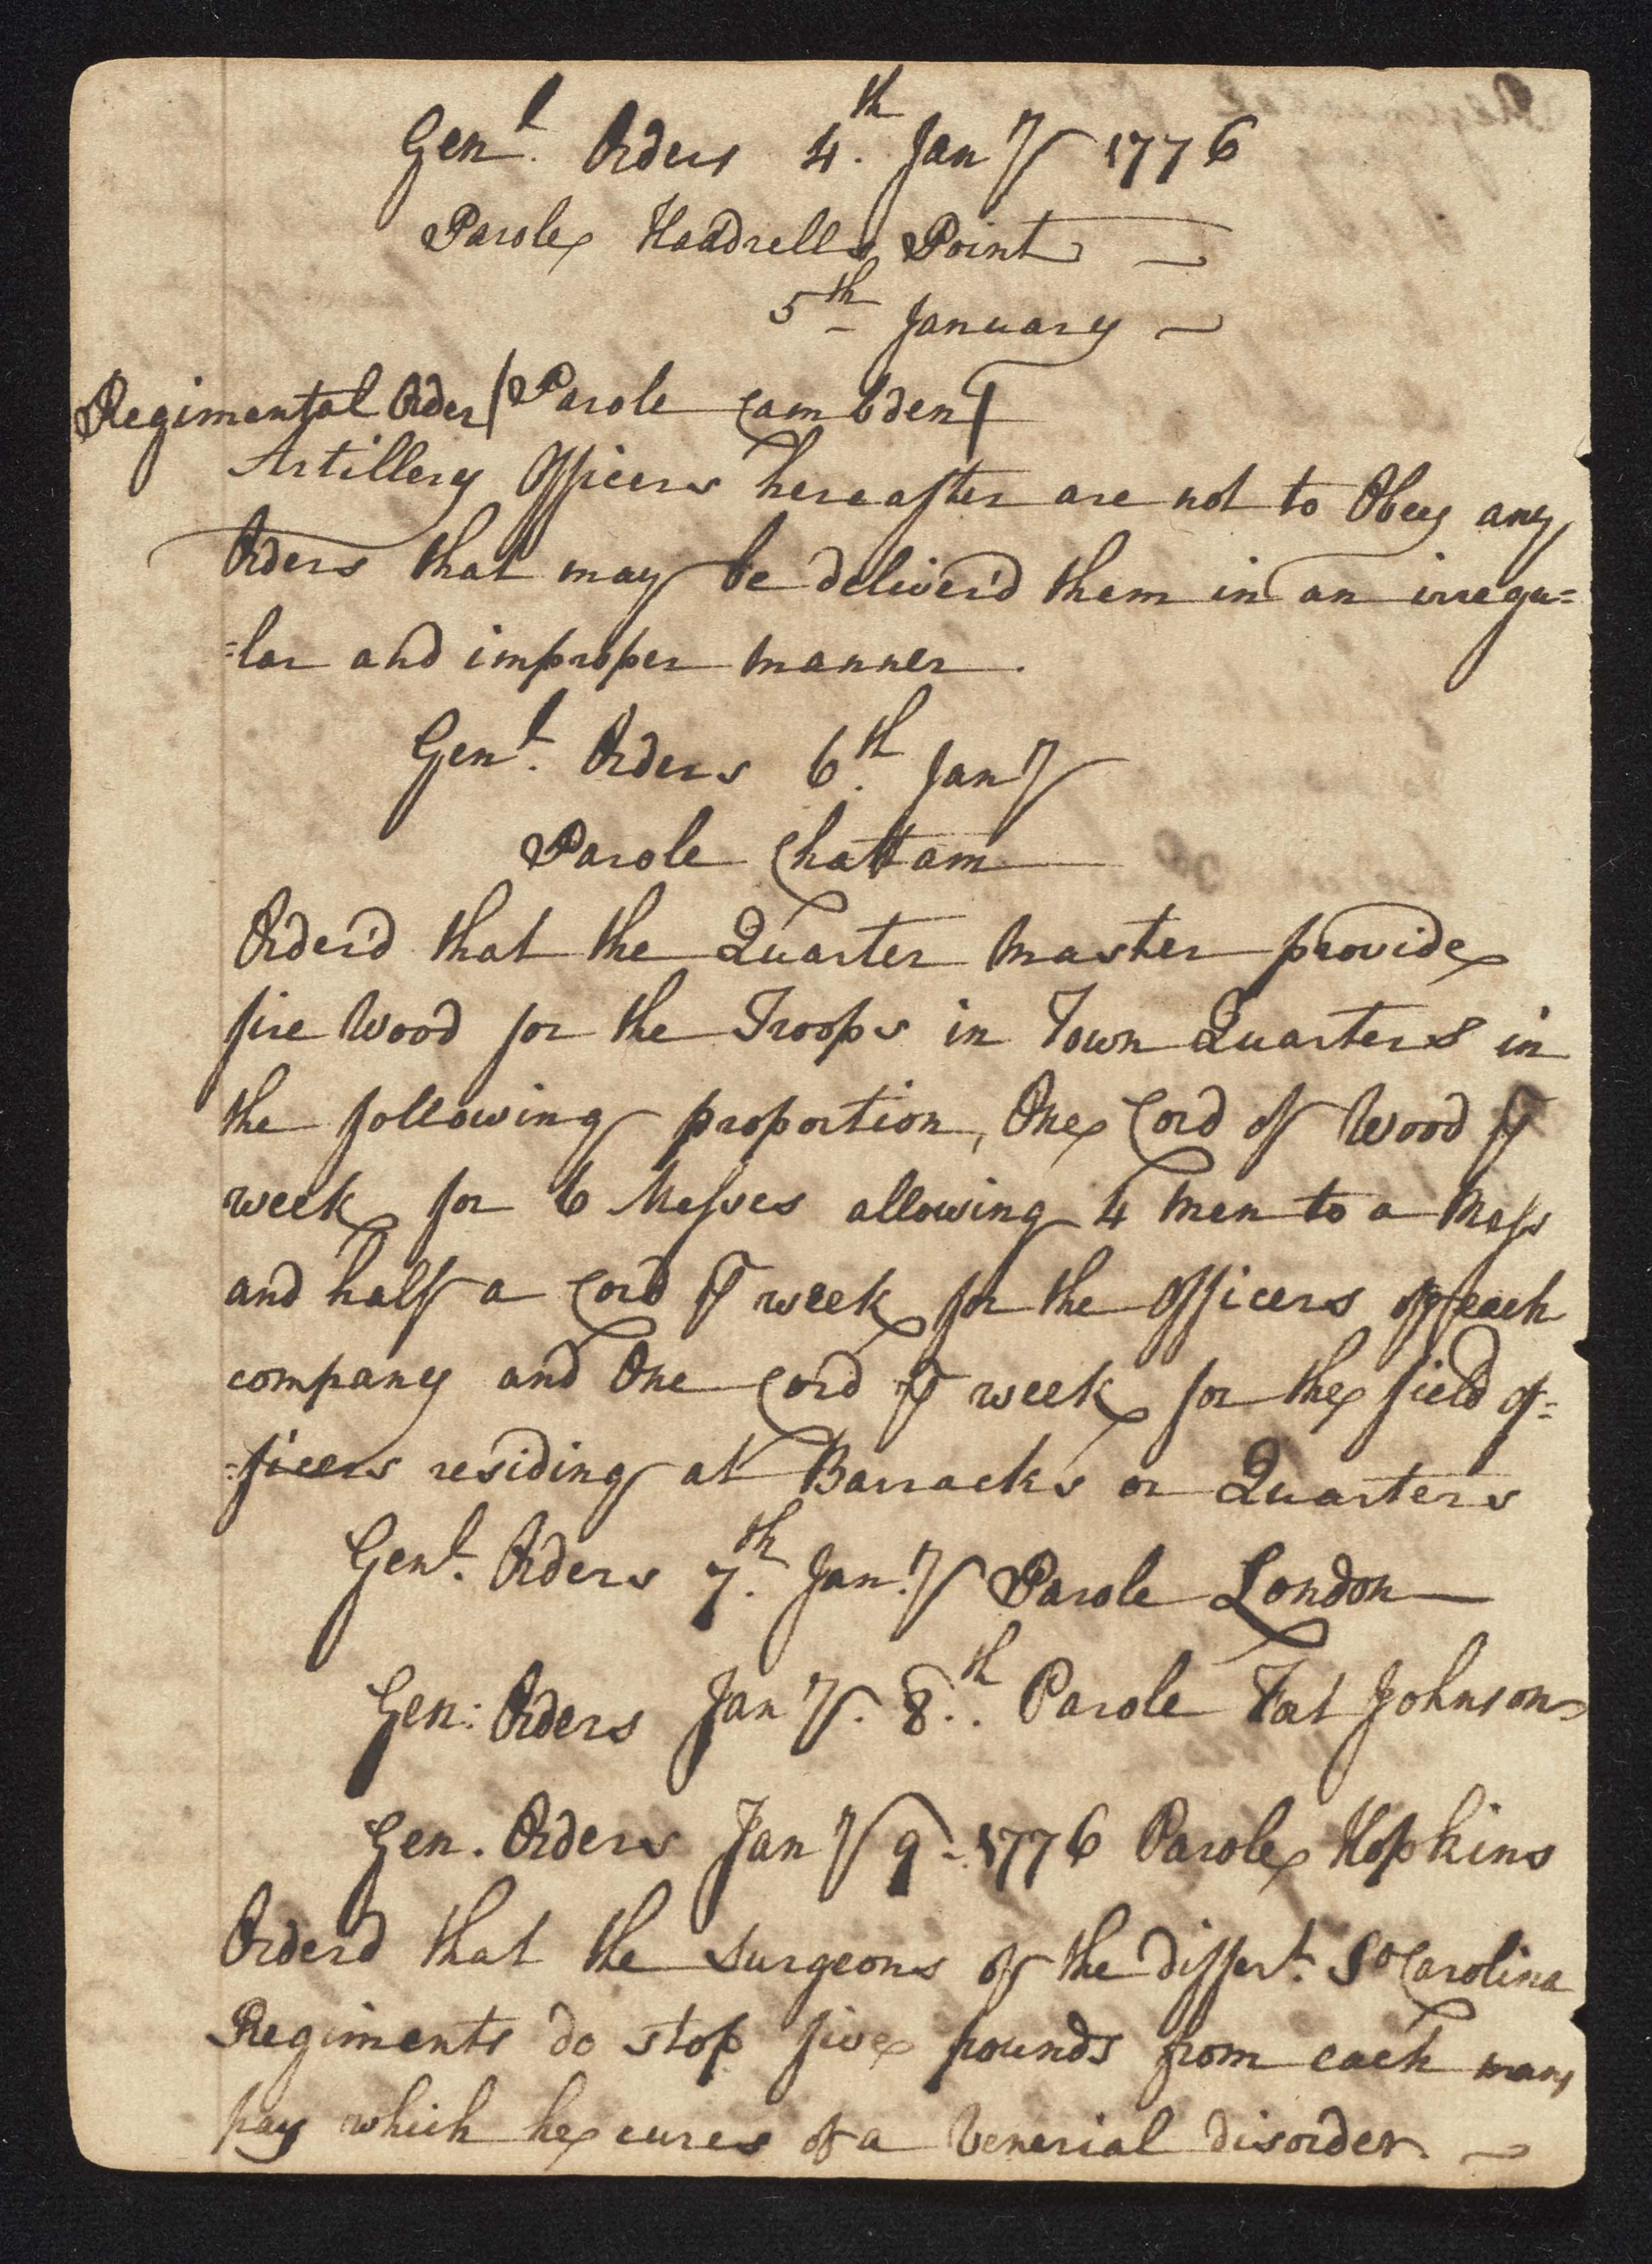 South Carolina Regiment Order Book, Page 58